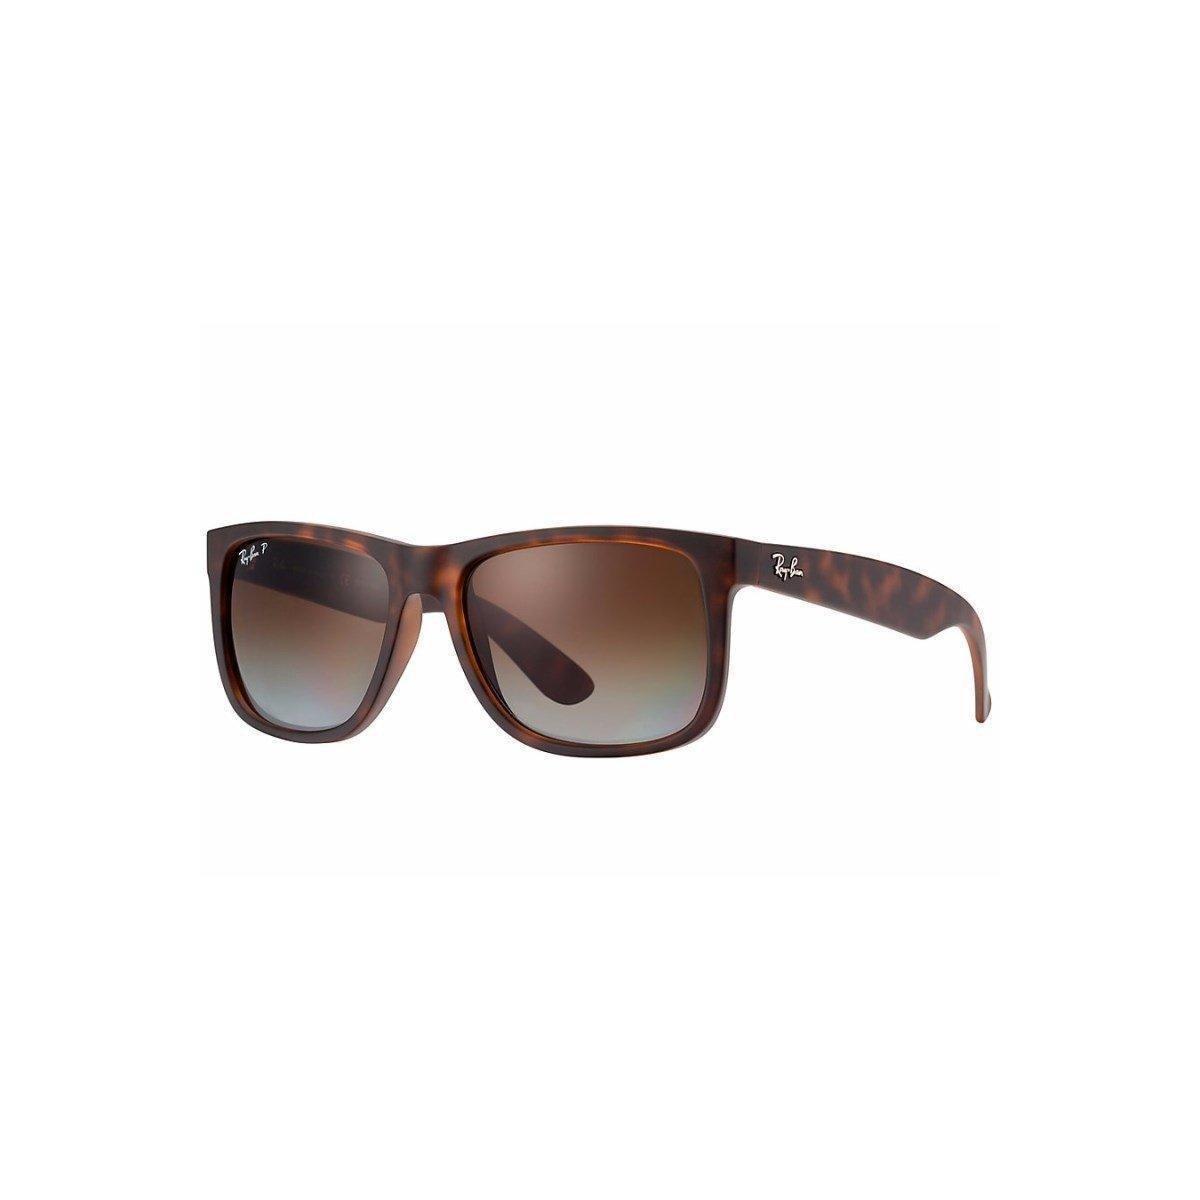 Óculos de Sol Ray Ban Justin Polarizado - Marrom - Compre Agora ... 2f7b6da345